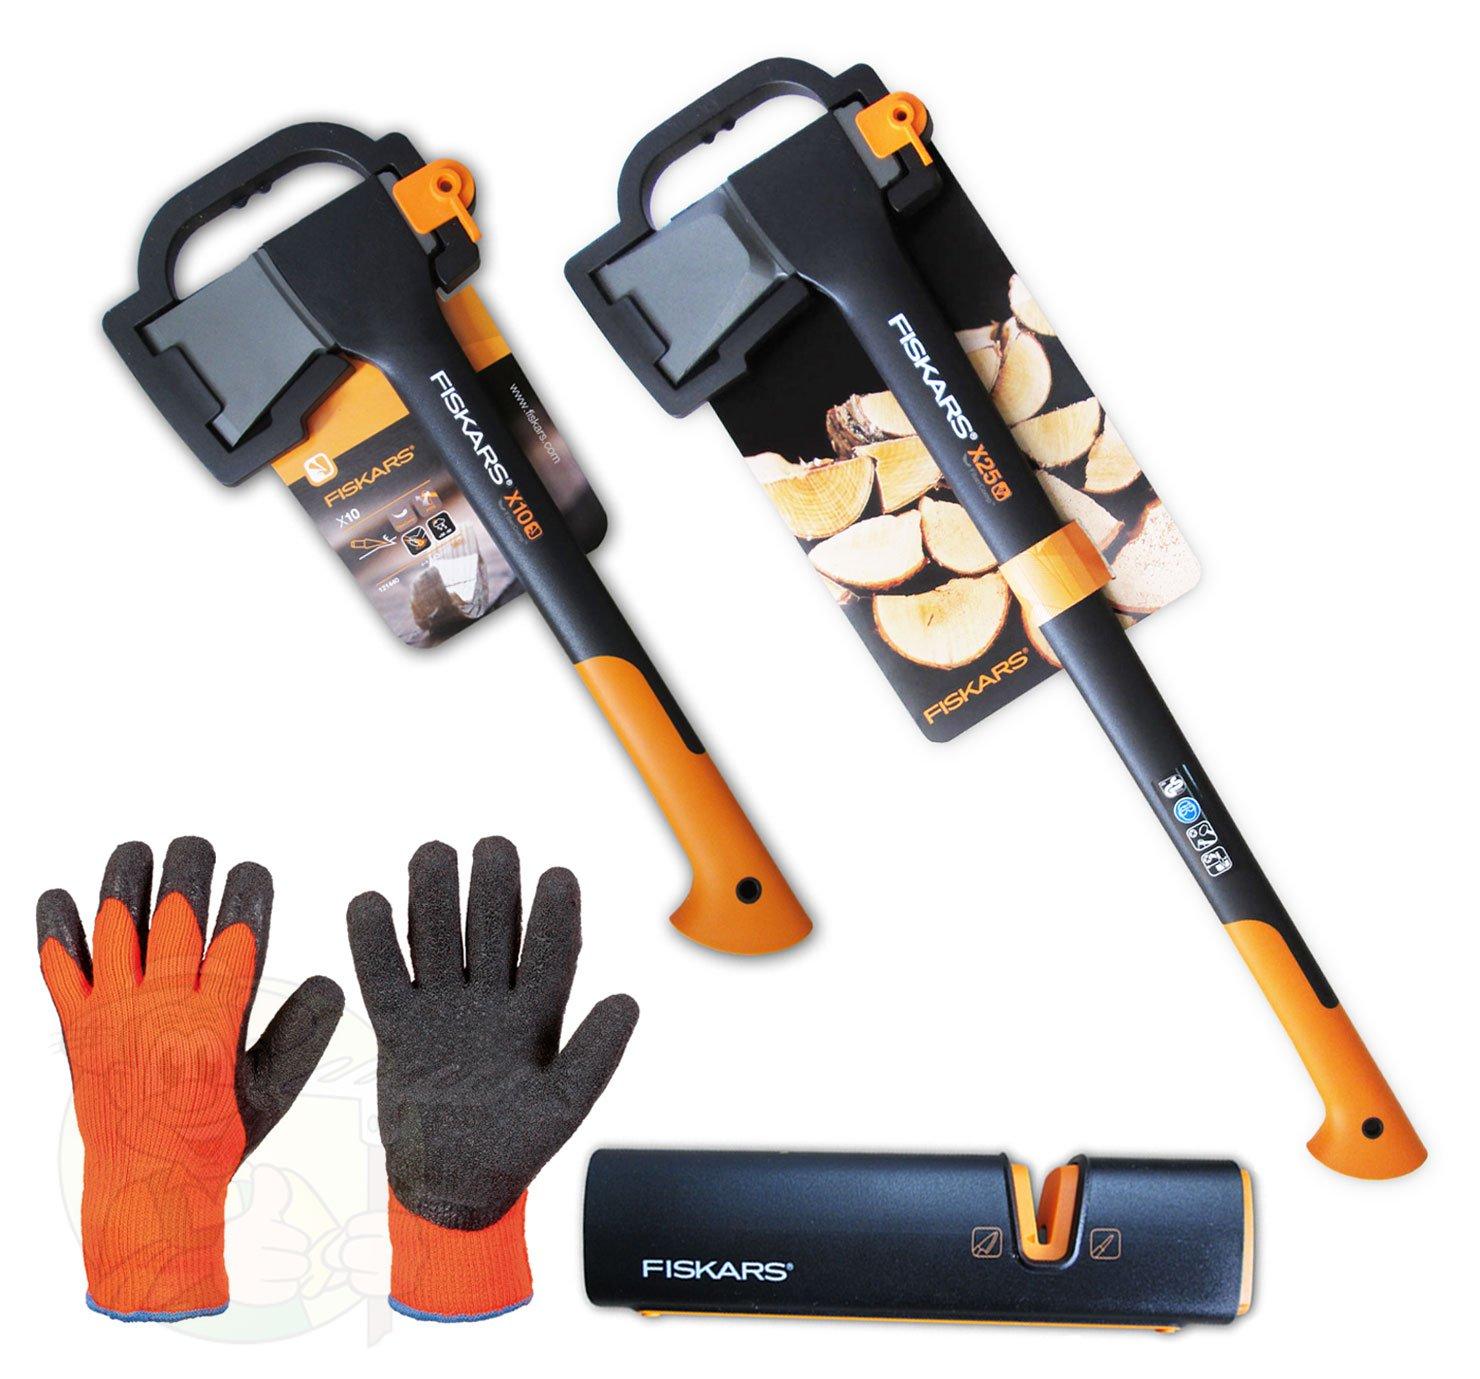 Fiskars Spaltaxt X25 + X10 + Xsharp Axt und Messerschärfer + Handschuhe  GartenKundenbewertungen